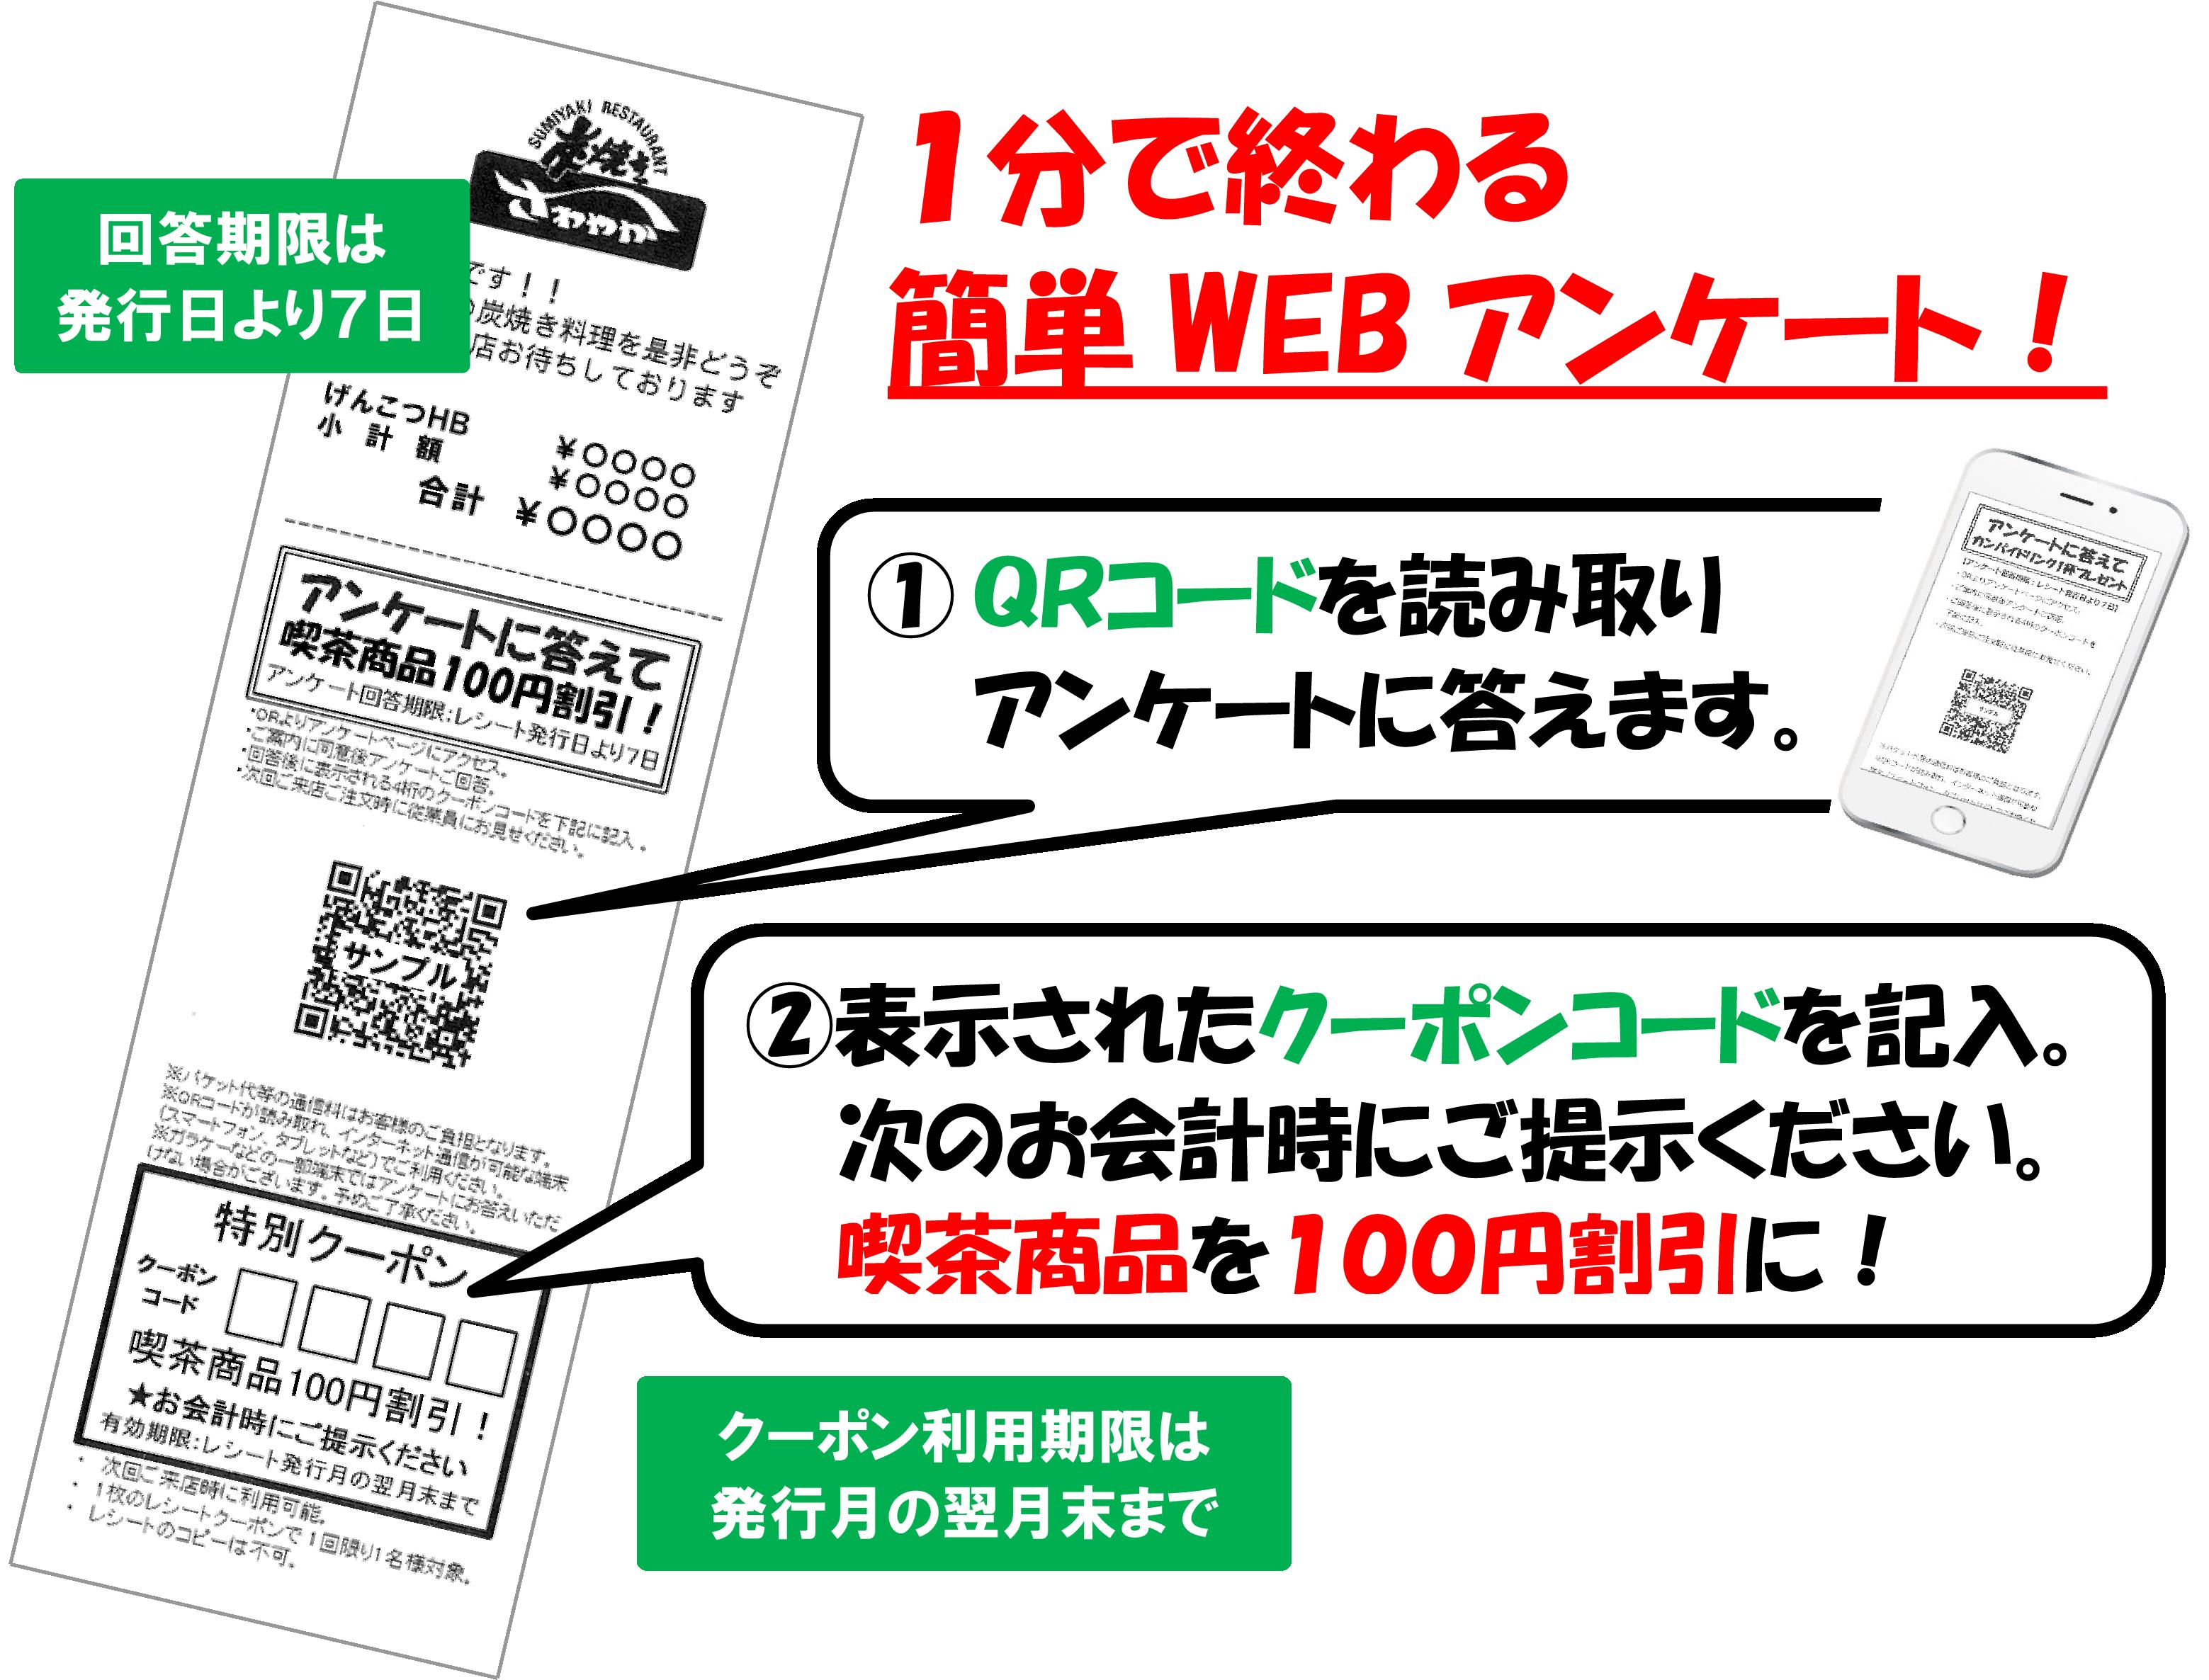 wQRアンケート211001.png